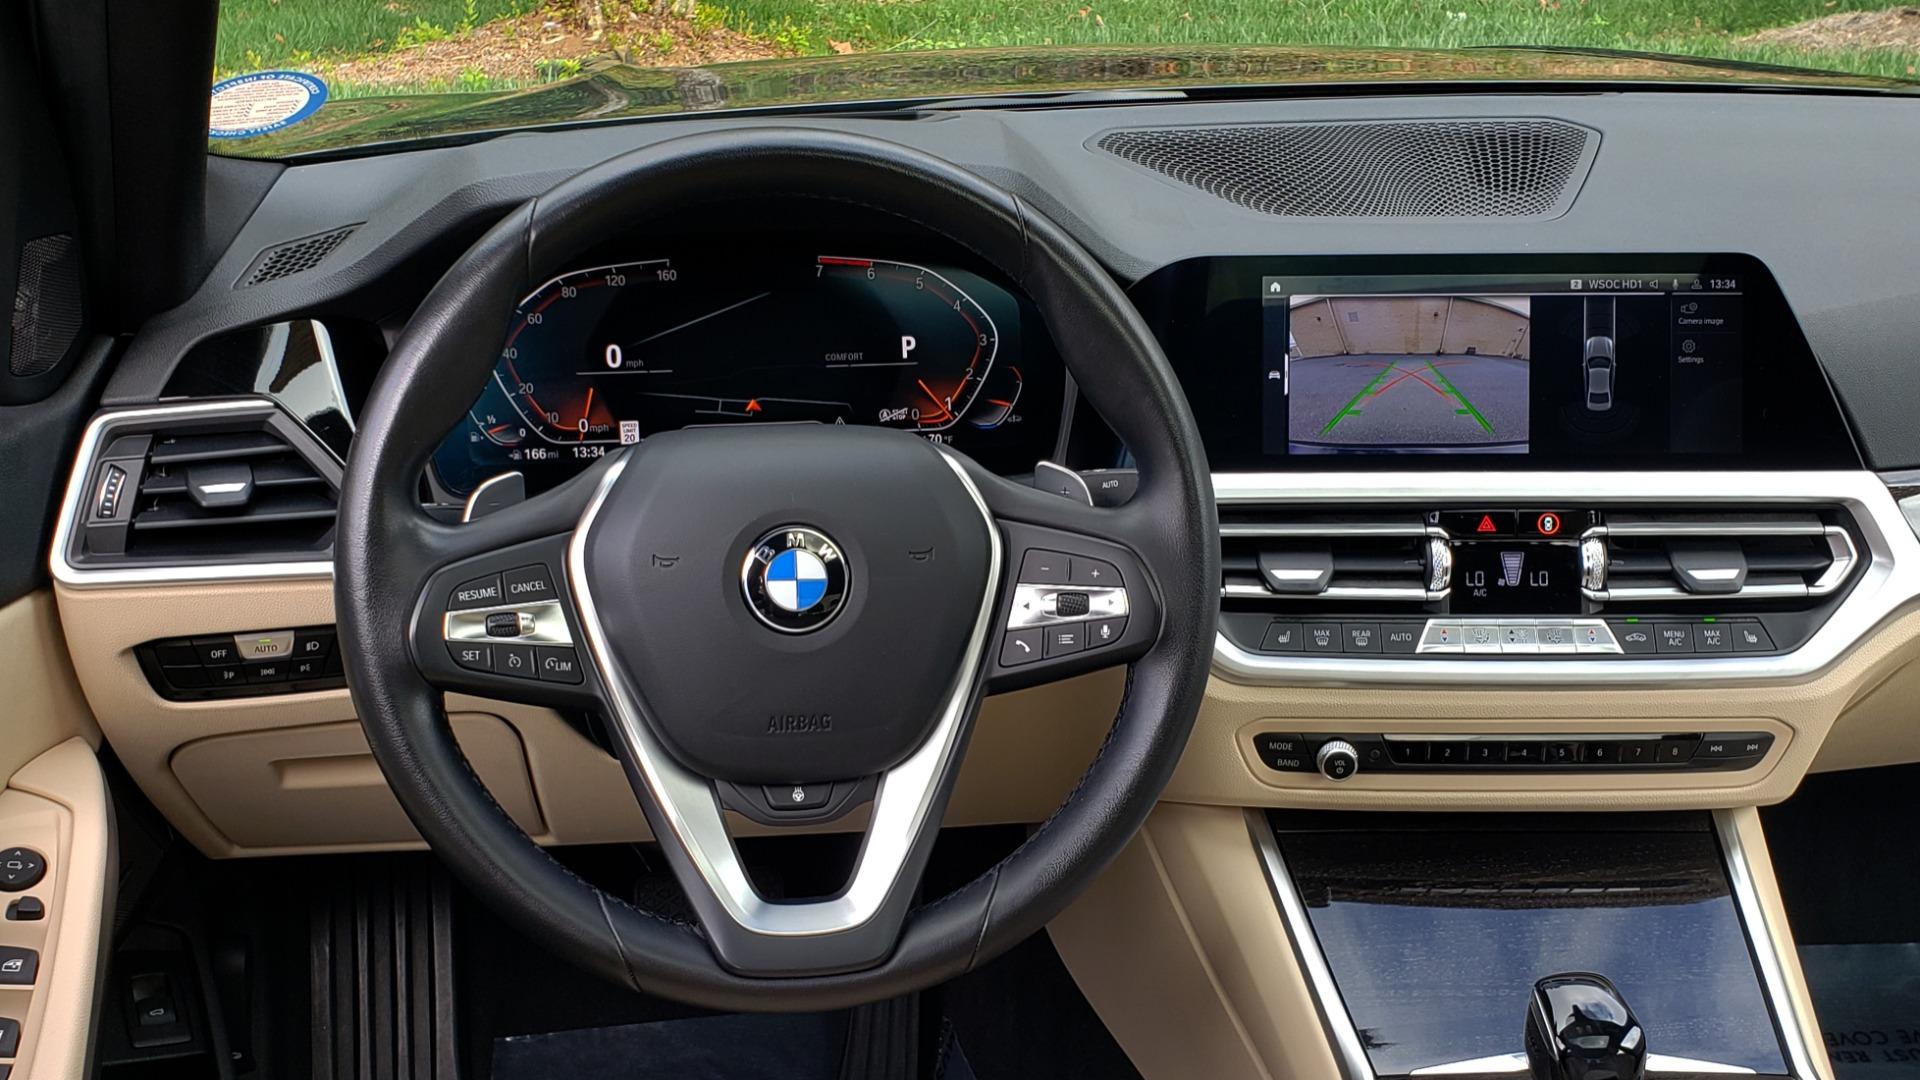 Used 2019 BMW 3 SERIES 330I PREM PKG / NAV / CONV PKG / H&K SND / LIVE COCKPIT PRO for sale Sold at Formula Imports in Charlotte NC 28227 37